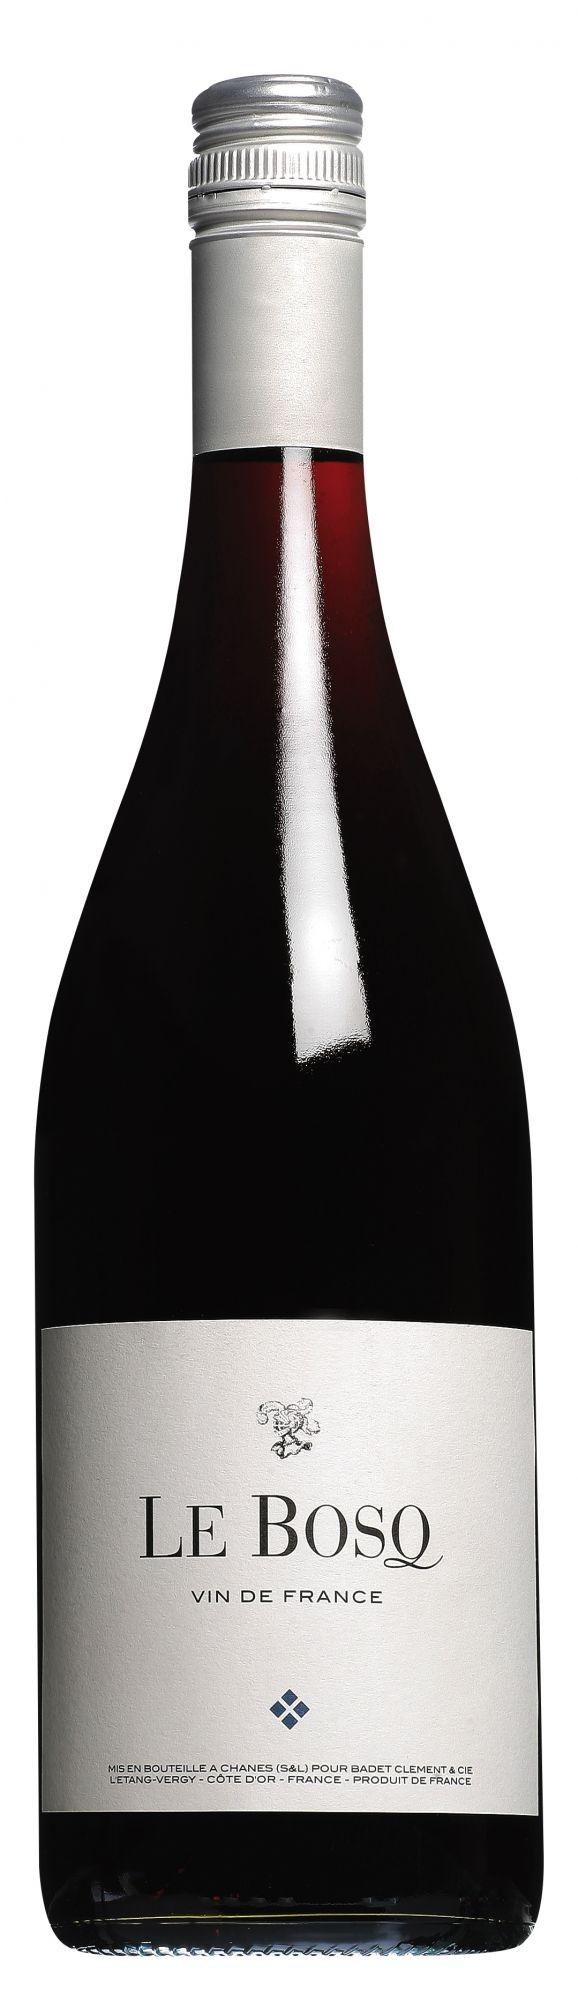 Le Bosq Vin de France rood